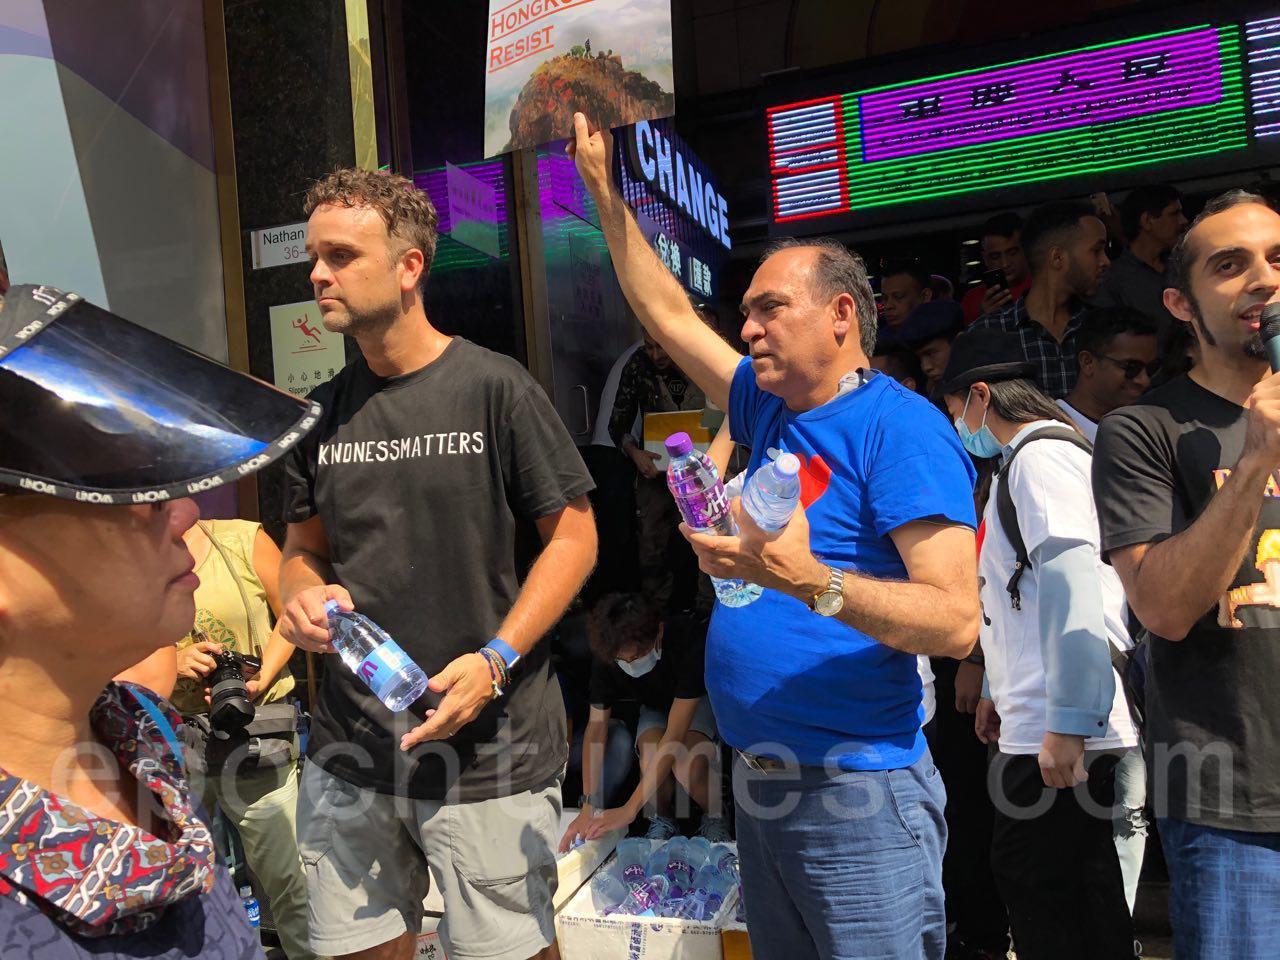 20日民陣發起的1020九龍大遊行在1時半左右出發。在南亞人聚集的重慶大廈附近,南亞人為遊行隊伍飲料水。(余天佑/大紀元)